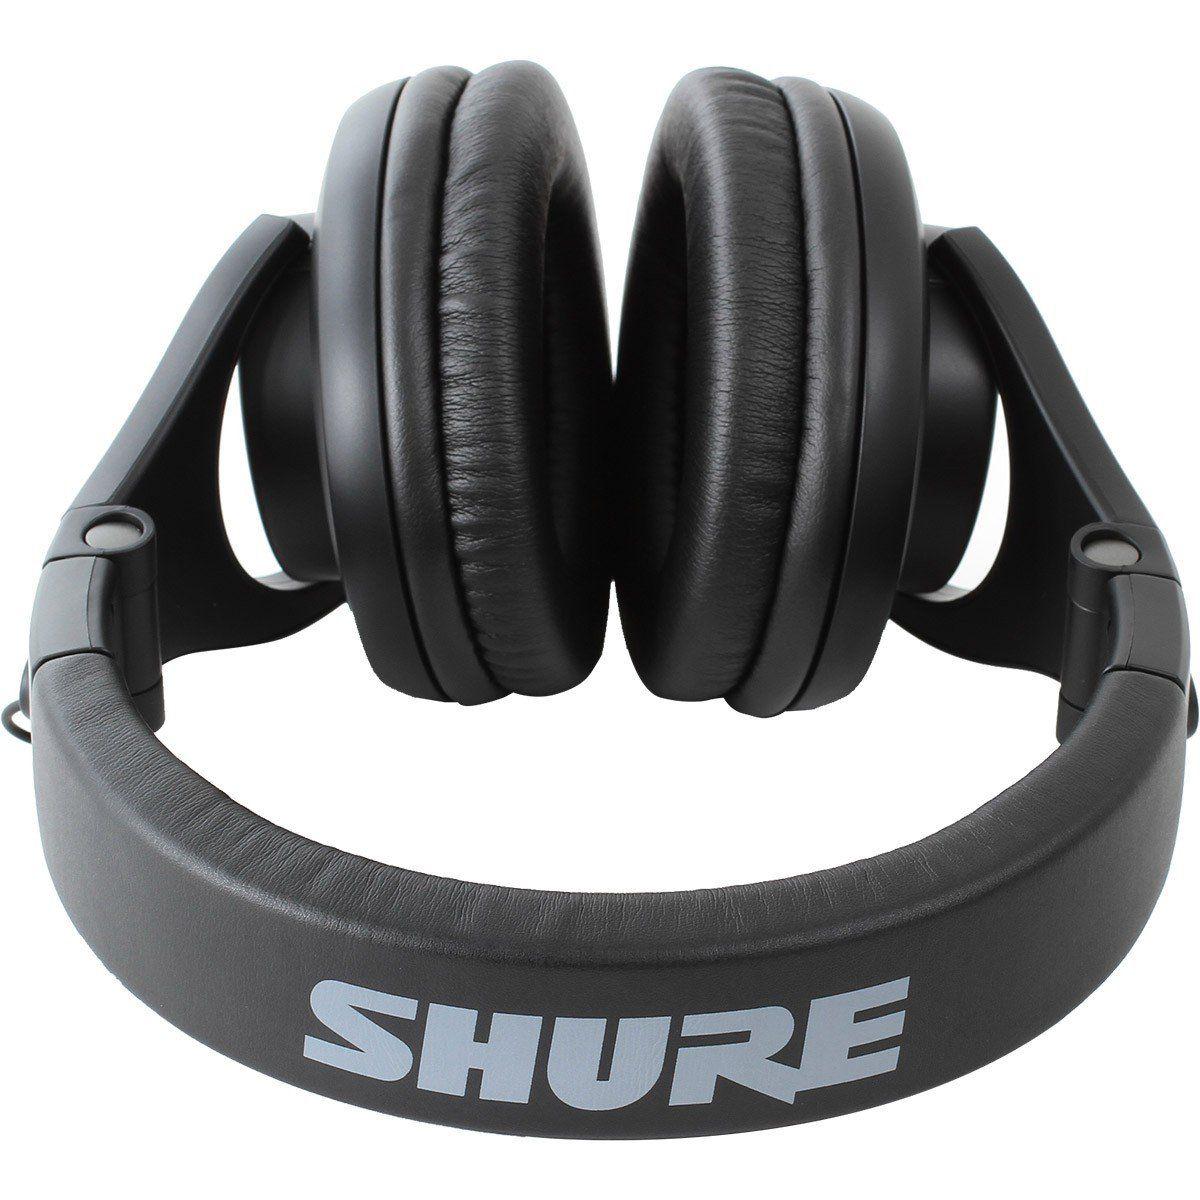 Shure SRH 440 Fone de Ouvido SRH-440 Fechado Profissional para Estúdio